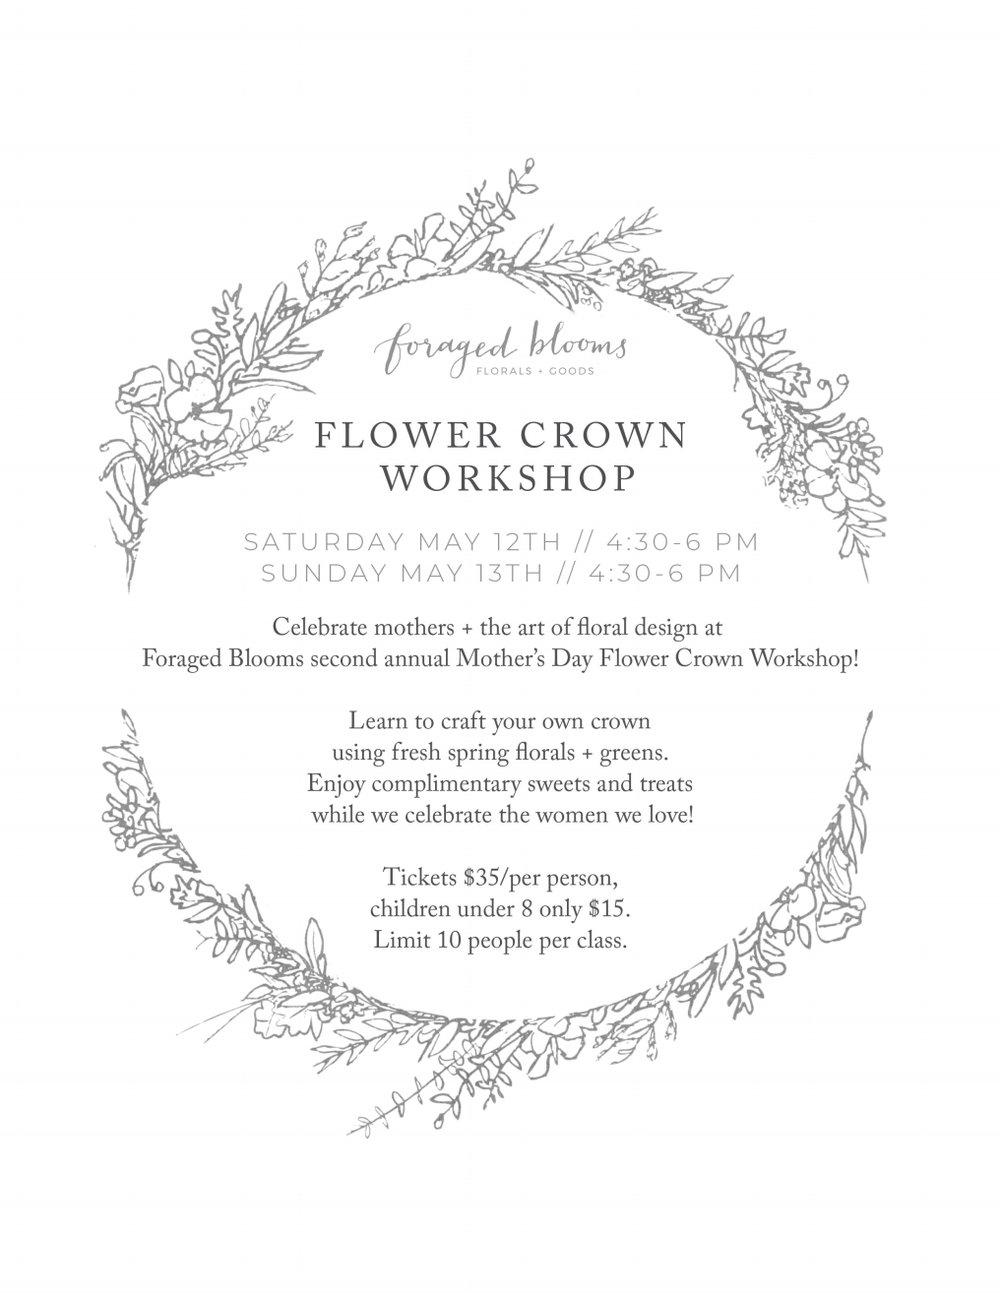 FlowerCrownWorkshop.jpg